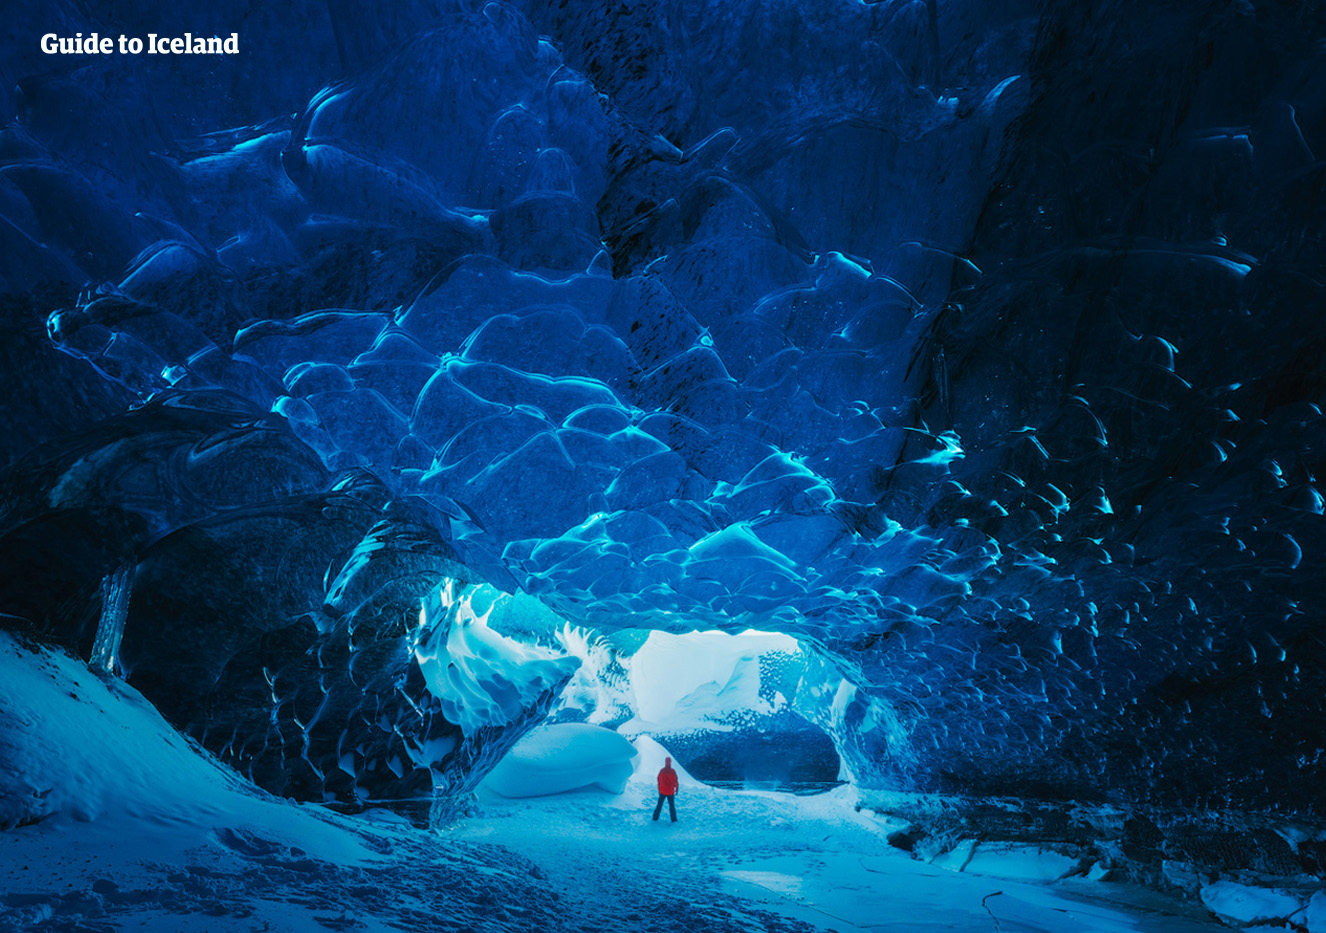 푸르른 얼음동굴 내부의 모습